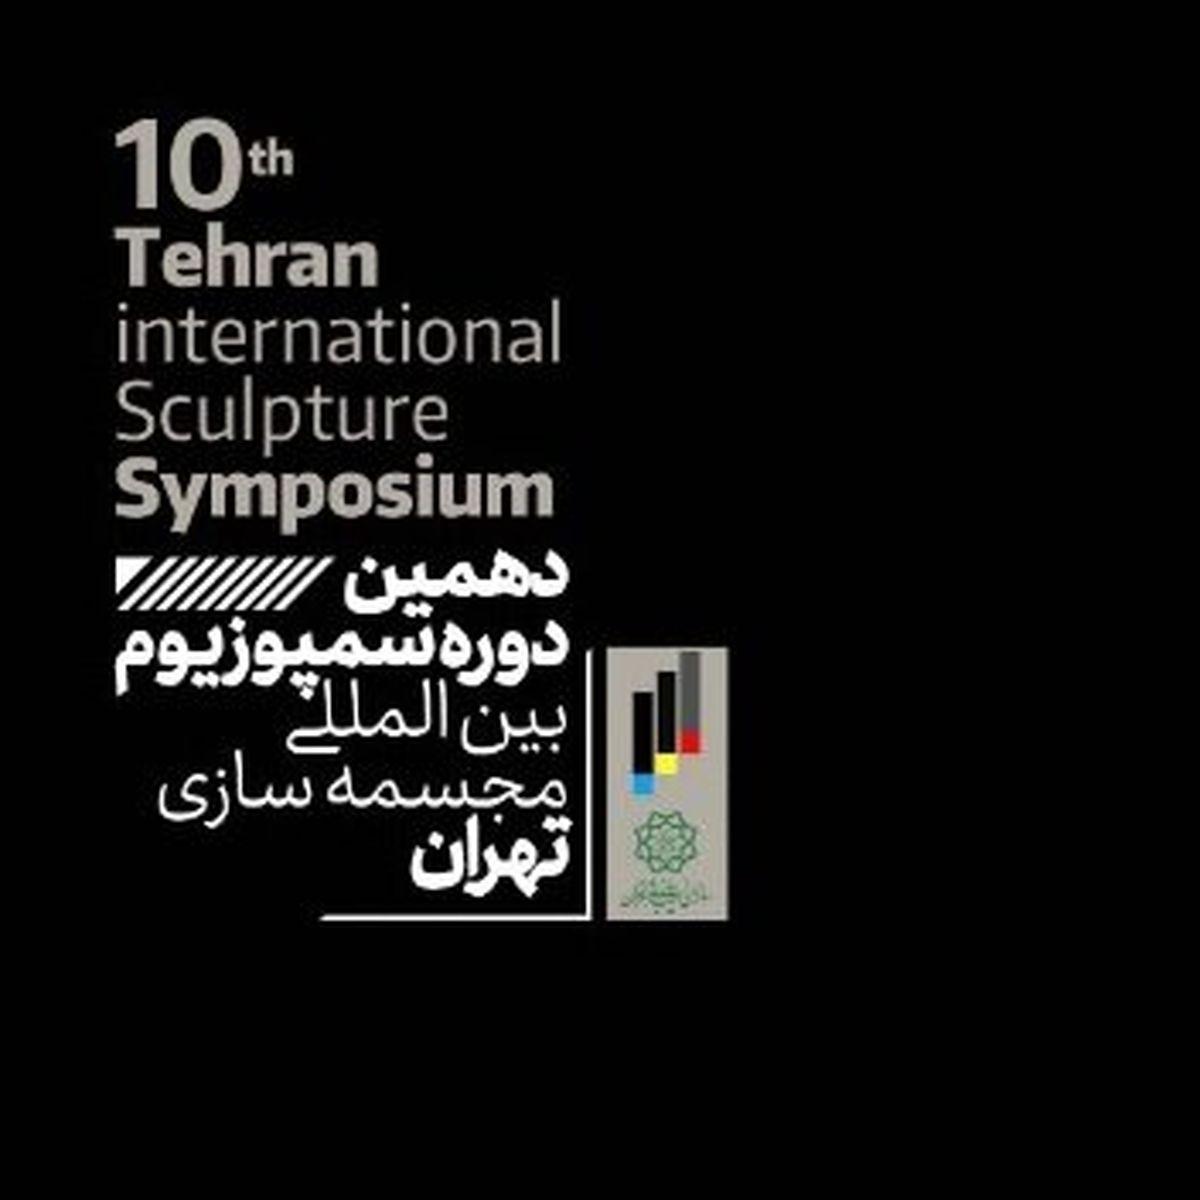 برگزاری دهمین سمپوزیوم بینالمللی مجسمهسازی تهران در اسفندماه